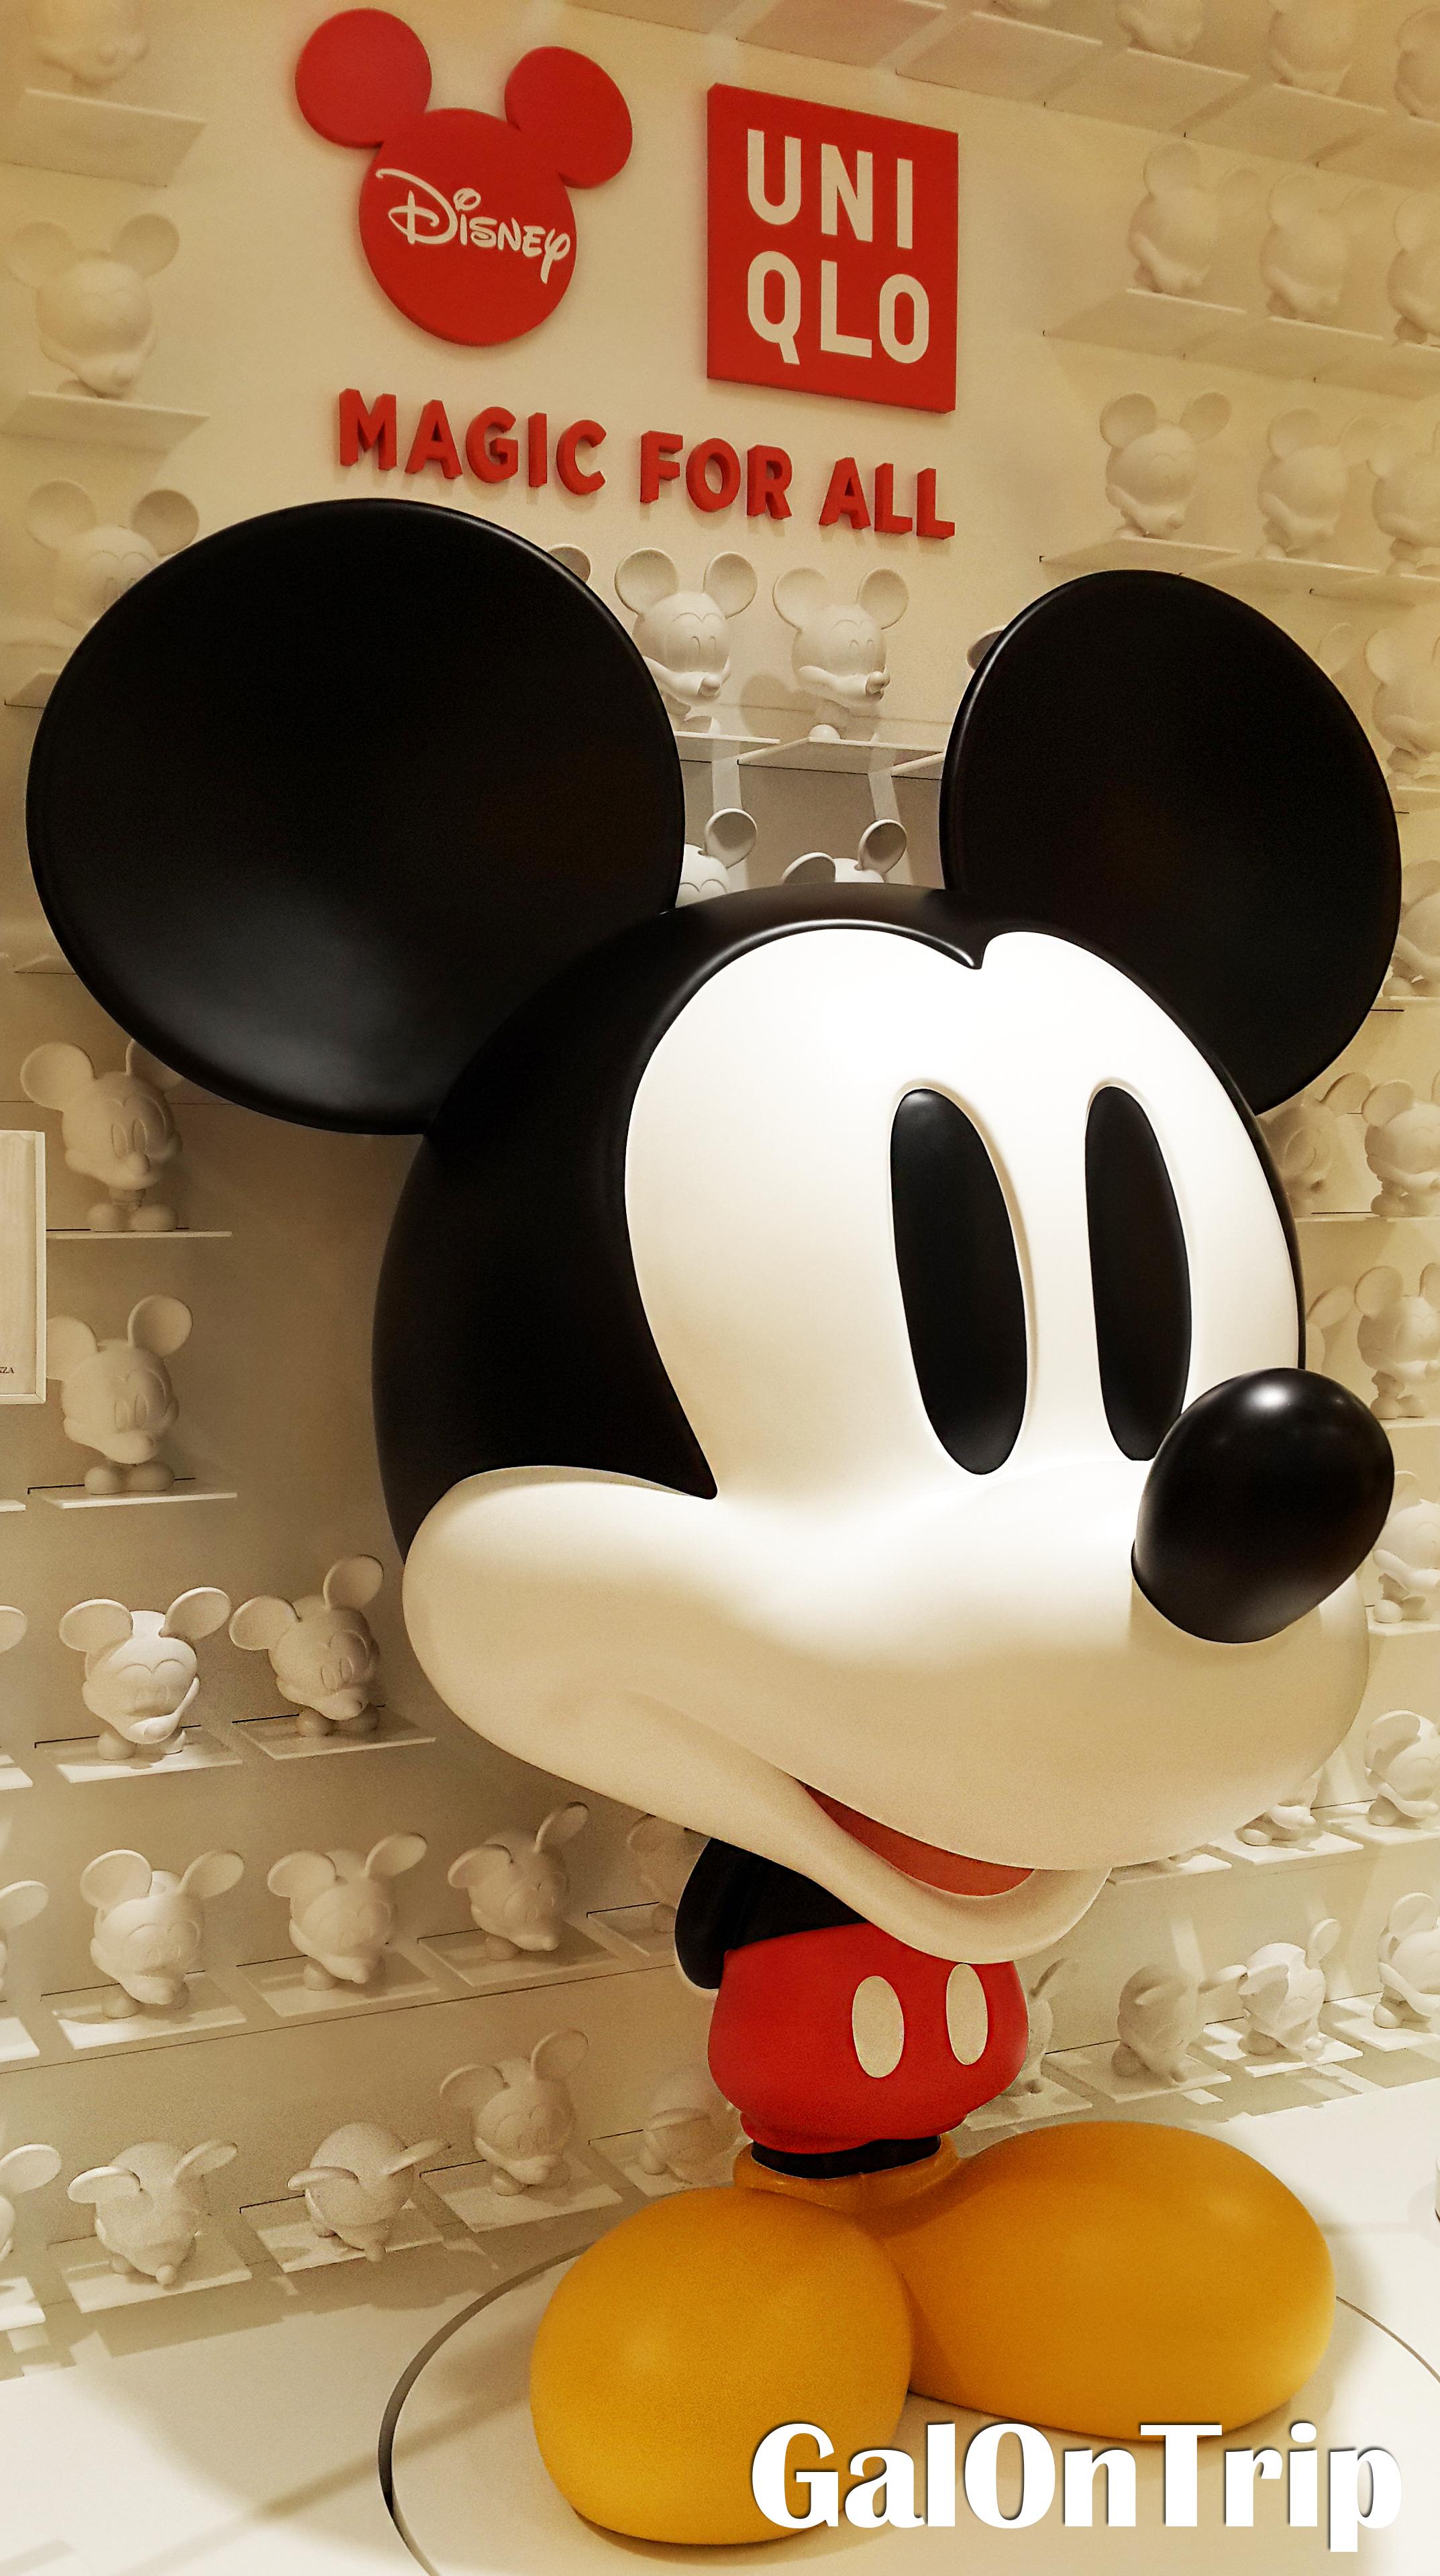 mickey mouse uniqlo ginza tokyo